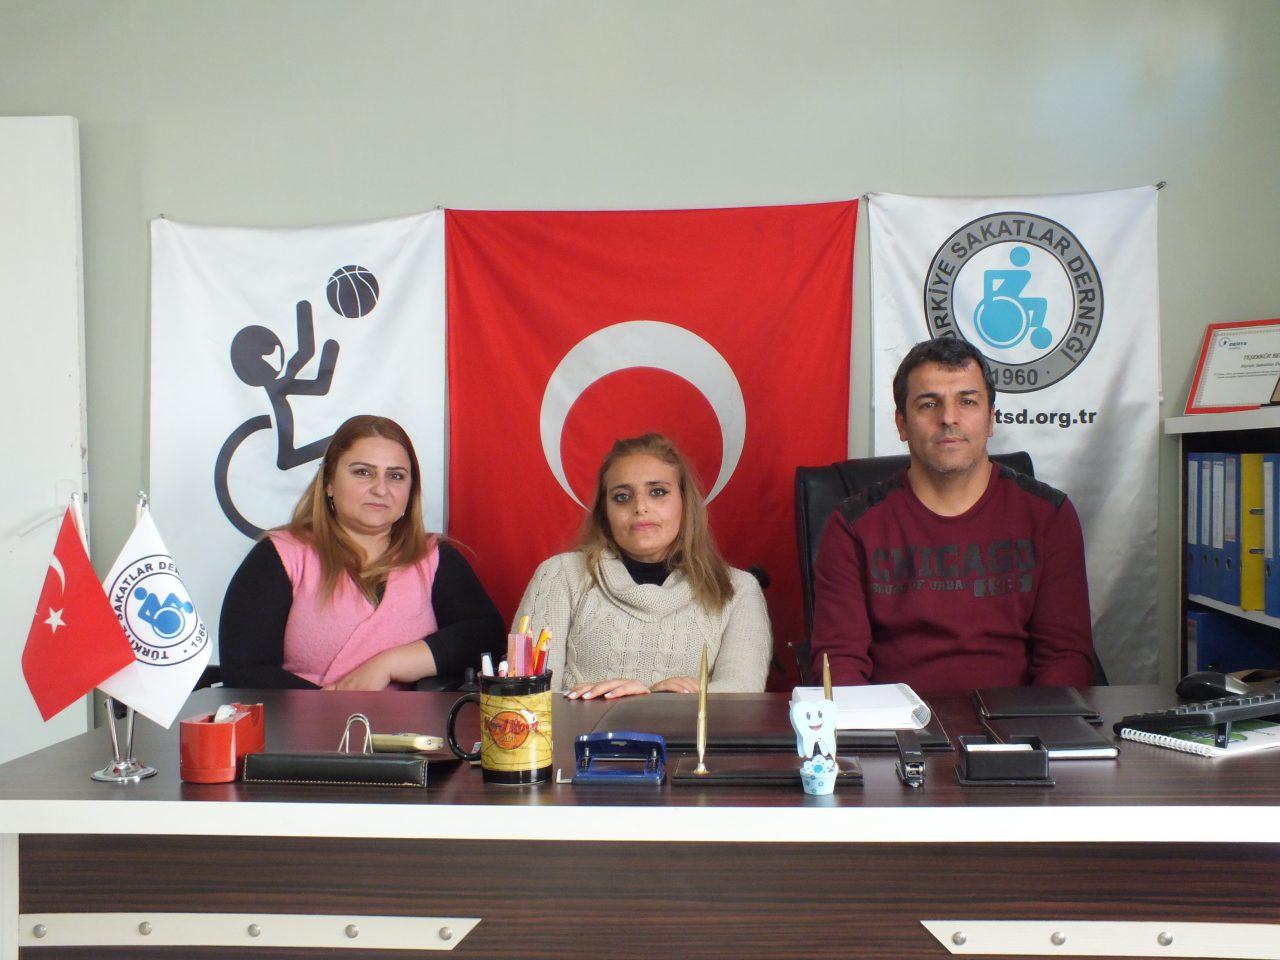 Engelliler Yerel Yönetimlerden Adil Hizmet Beklerken Katılım ve Söz Hakkına Hazırlanıyor